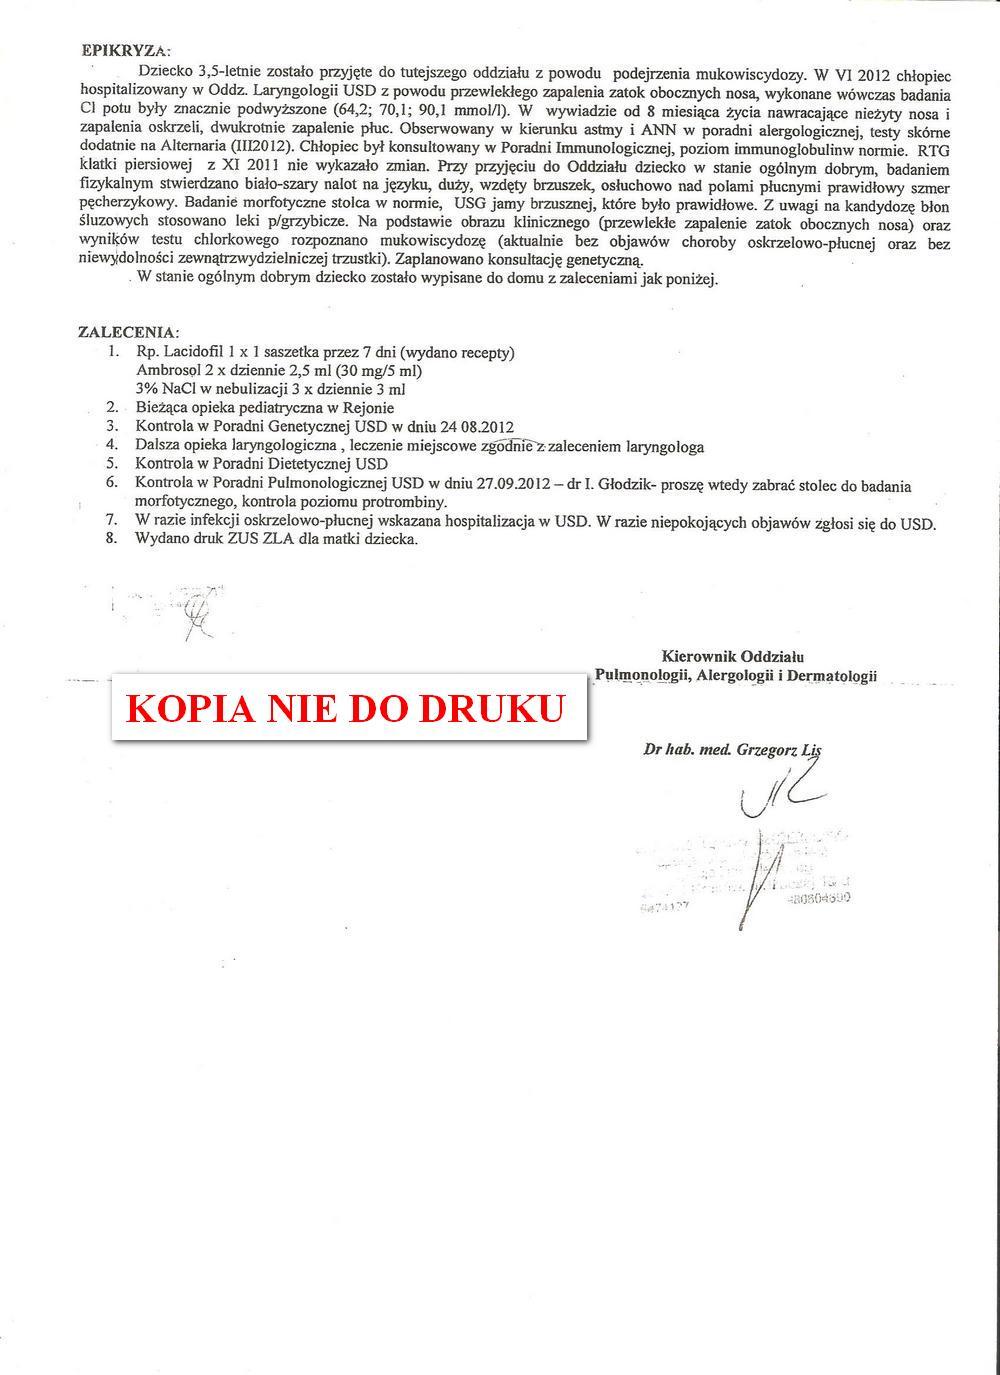 karta leczena klinicznego USD w Krakowie 2,1